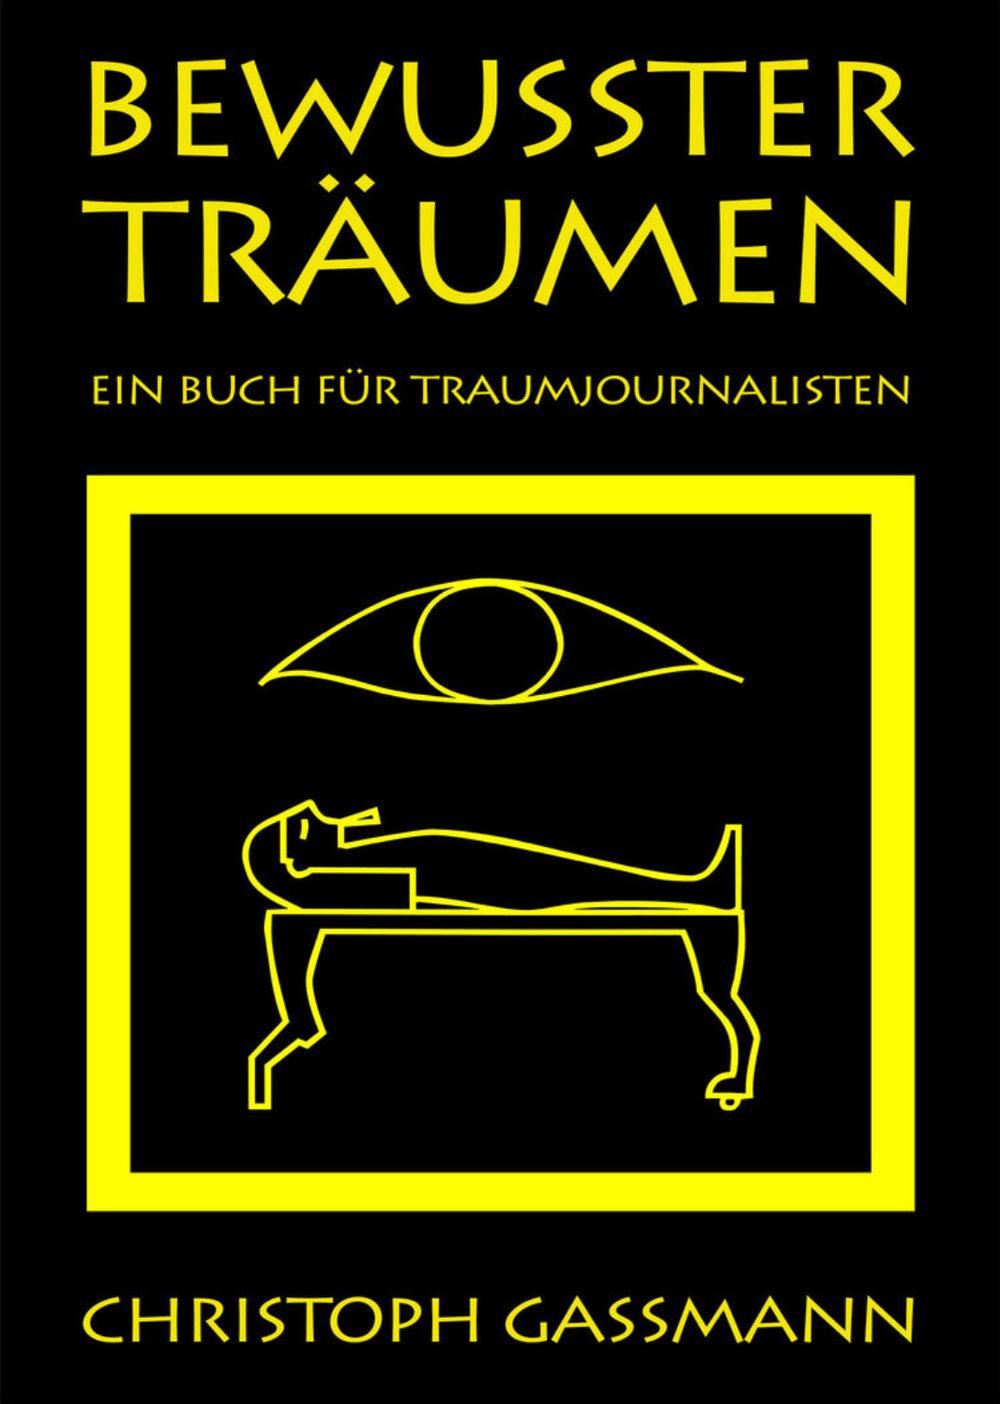 Für Traumjournalisten - Christoph Gassmann, Psychologe und Traumforscher, erklärt bewusstes Träumen.Auf zur Reise nach innen, durch das Unterbewusstsein und weiter.